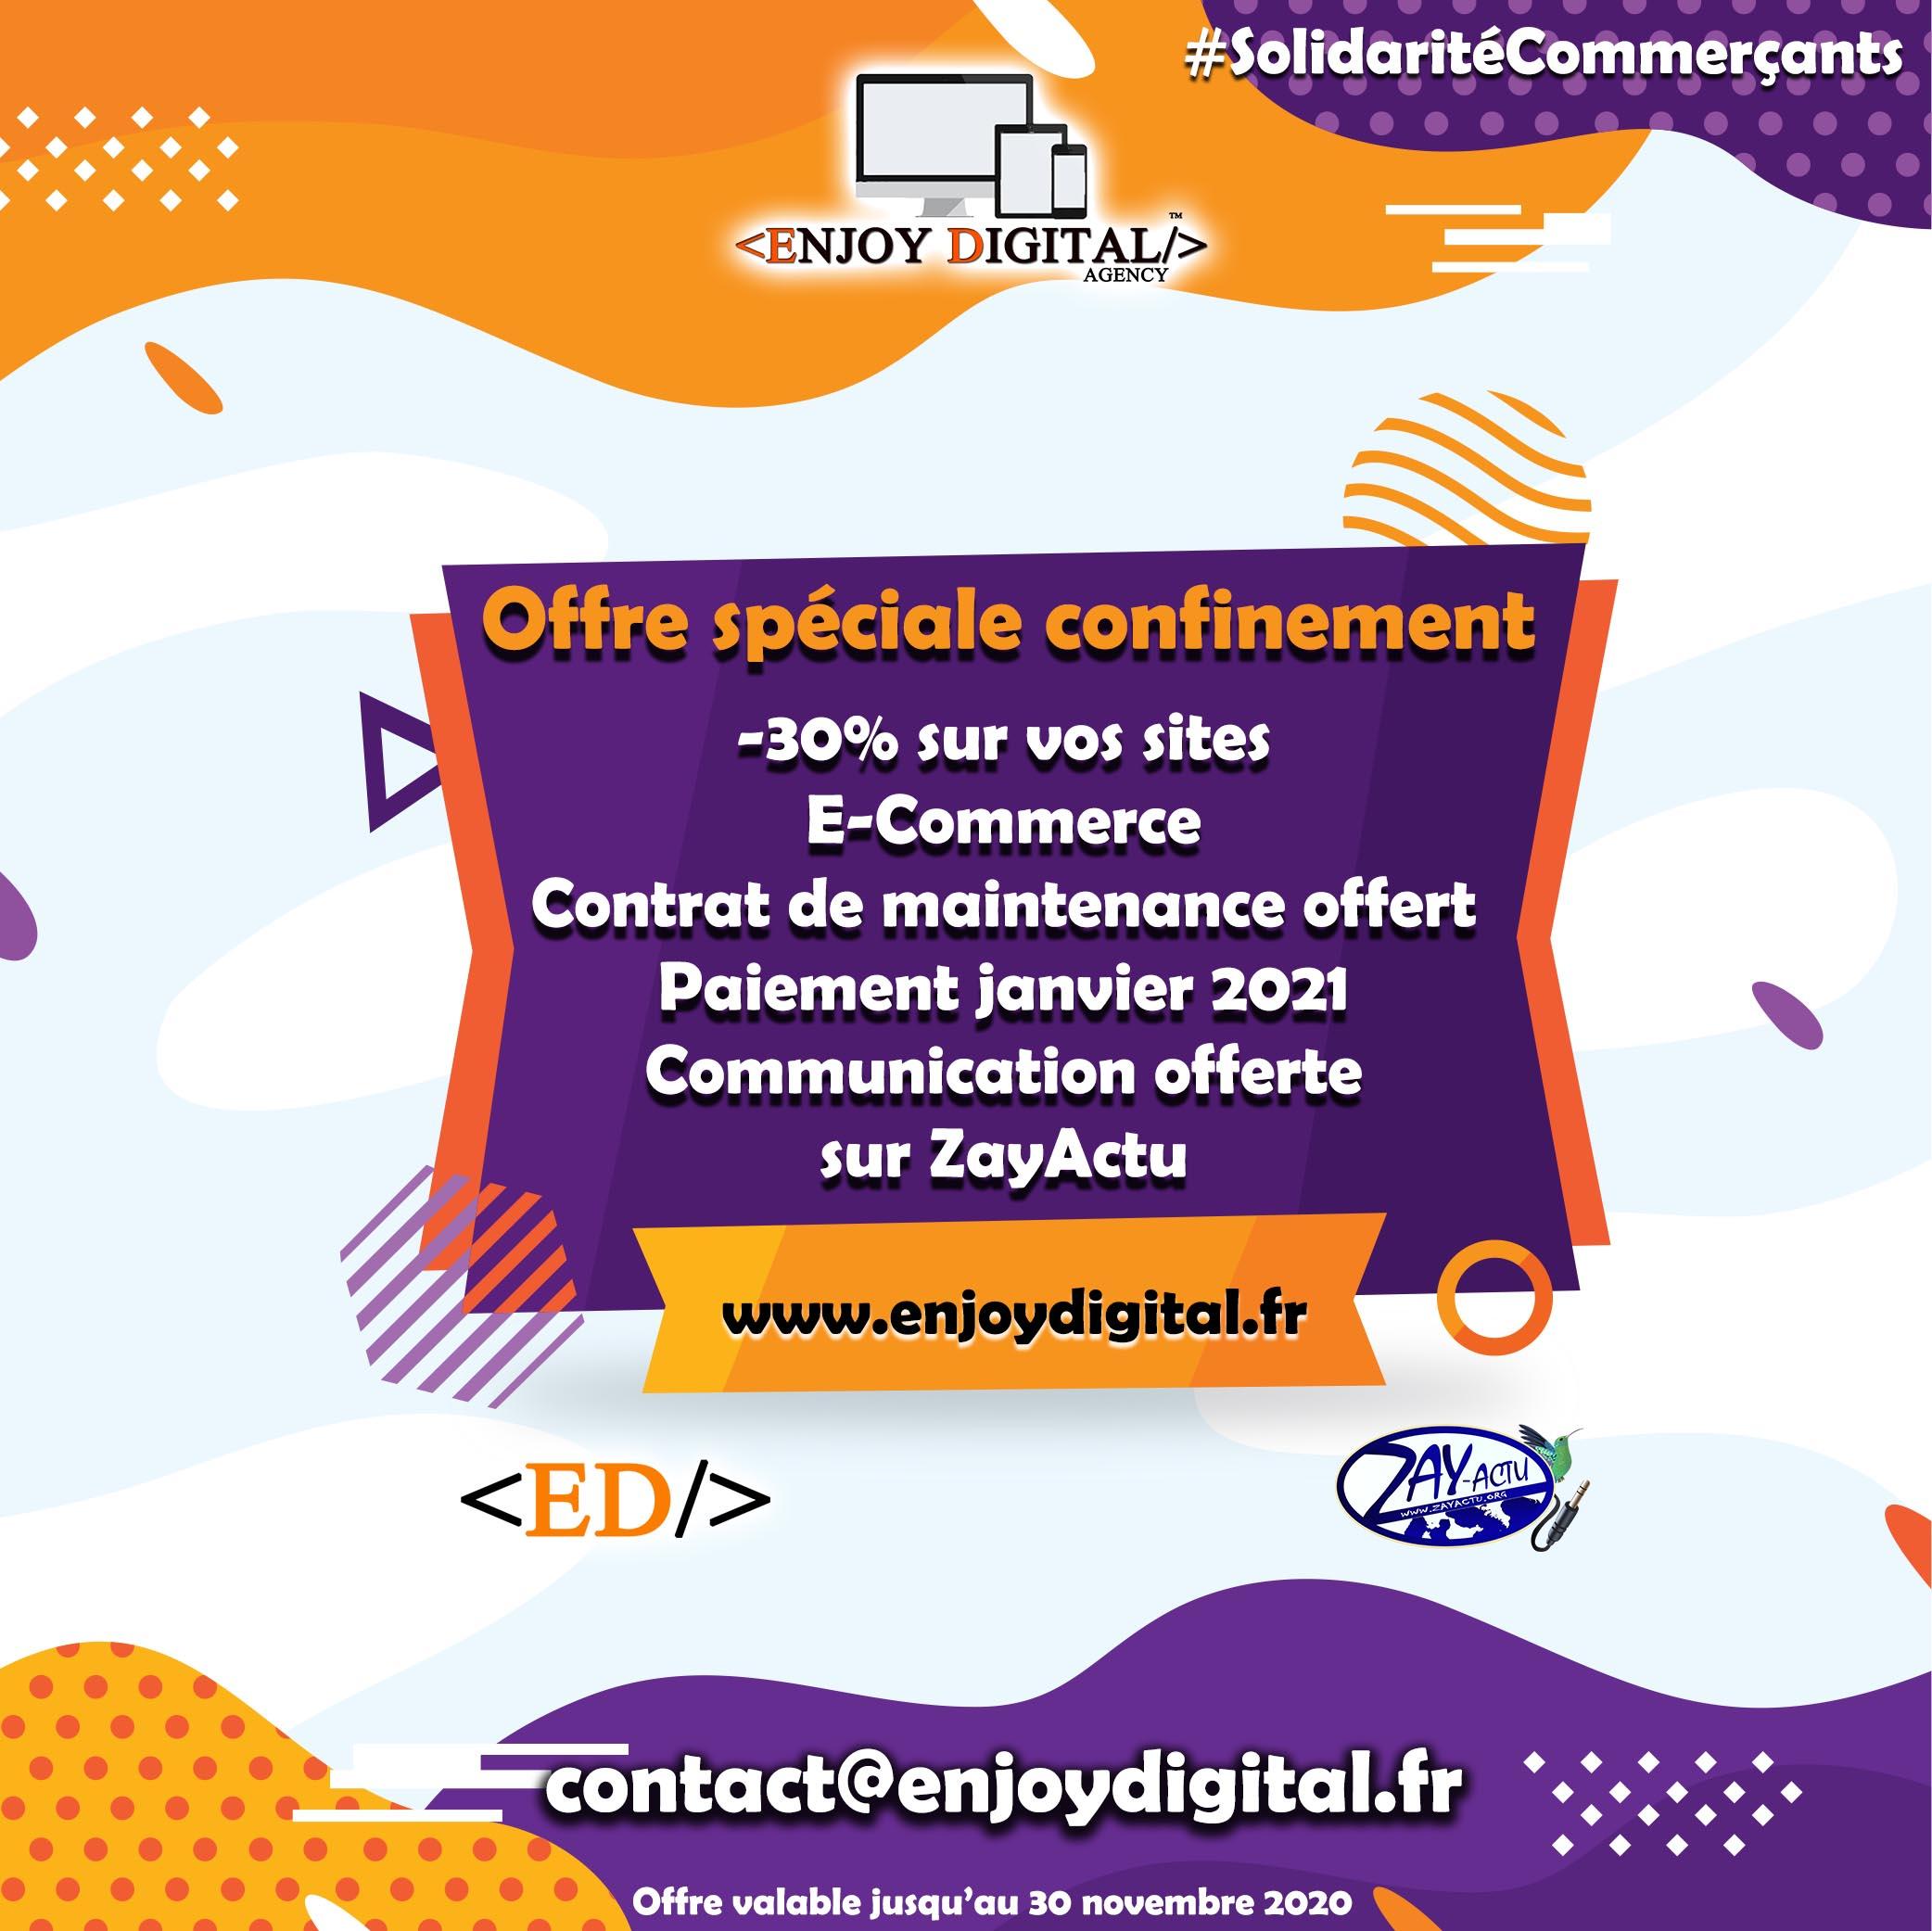 Offre spéciale confinement Enjoy Digital Agency